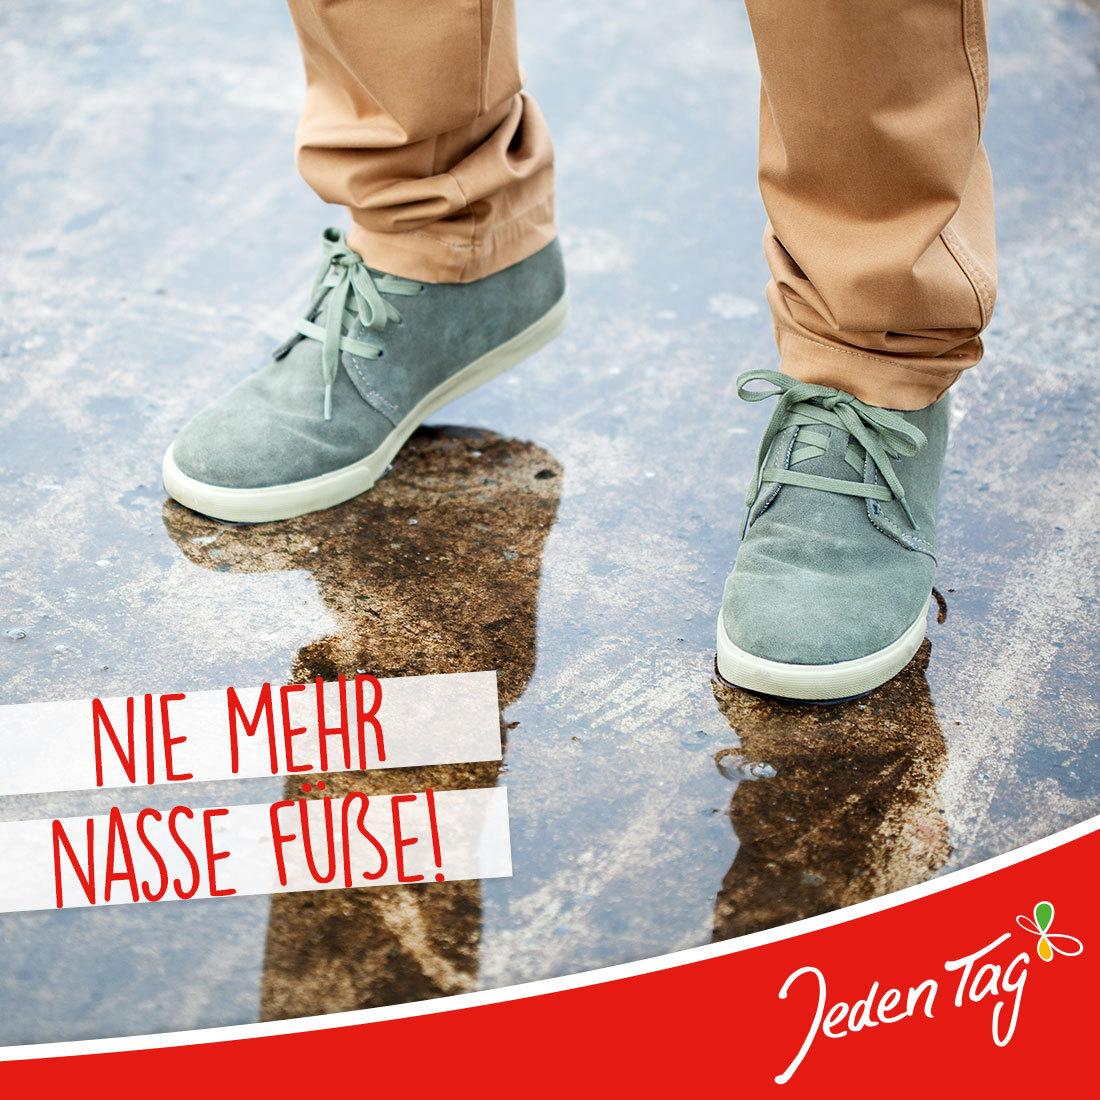 Schuhe wasserdicht machen